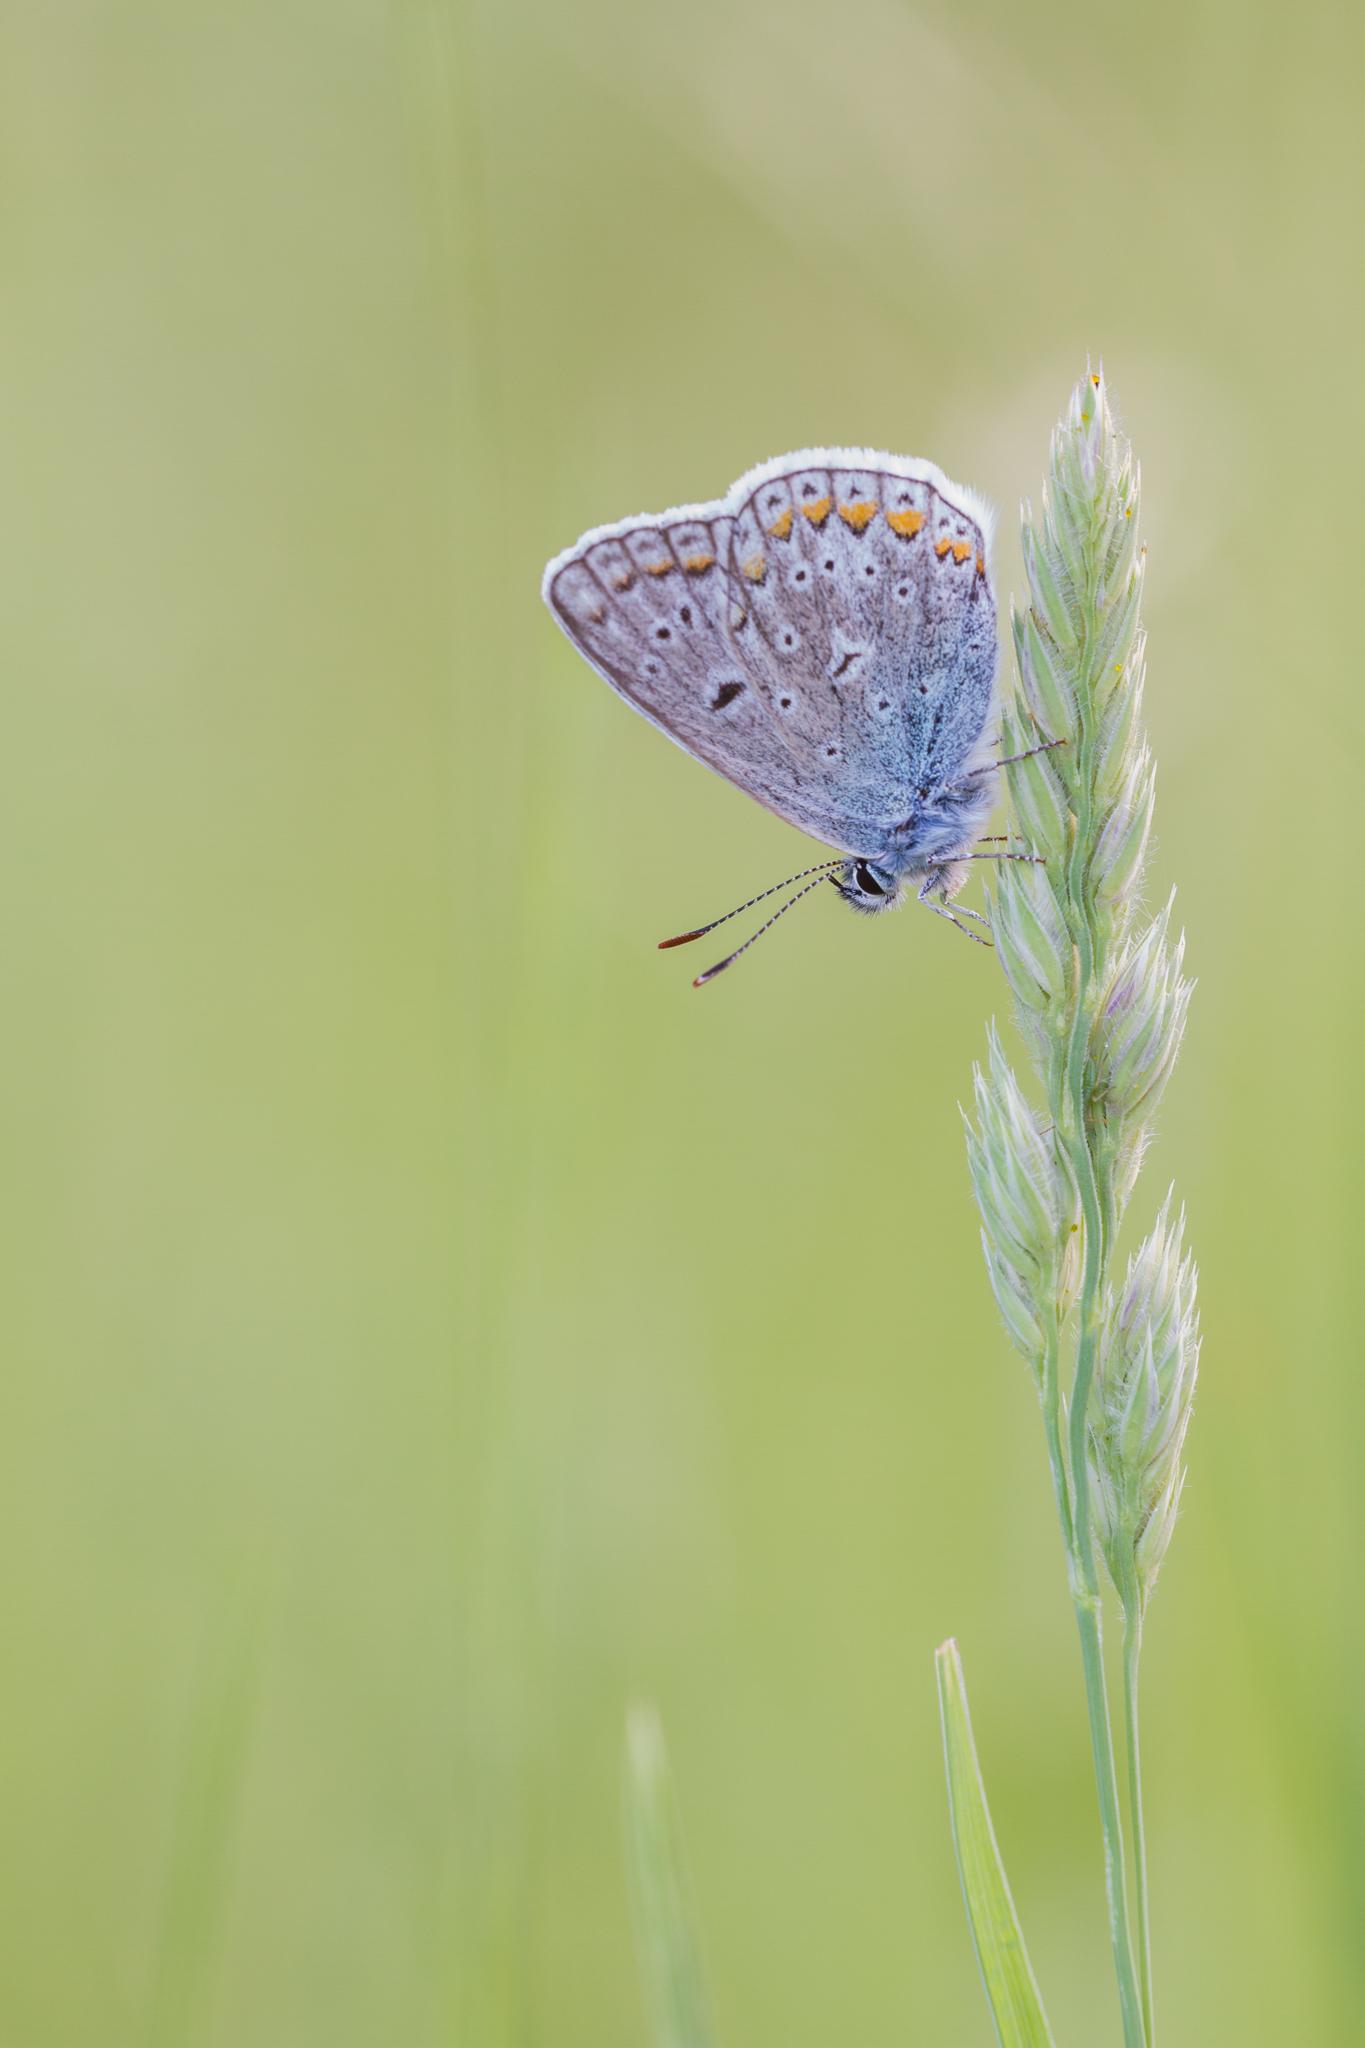 Vlinderfotografie, Vlindersfotograferen, Icarusblauwtje